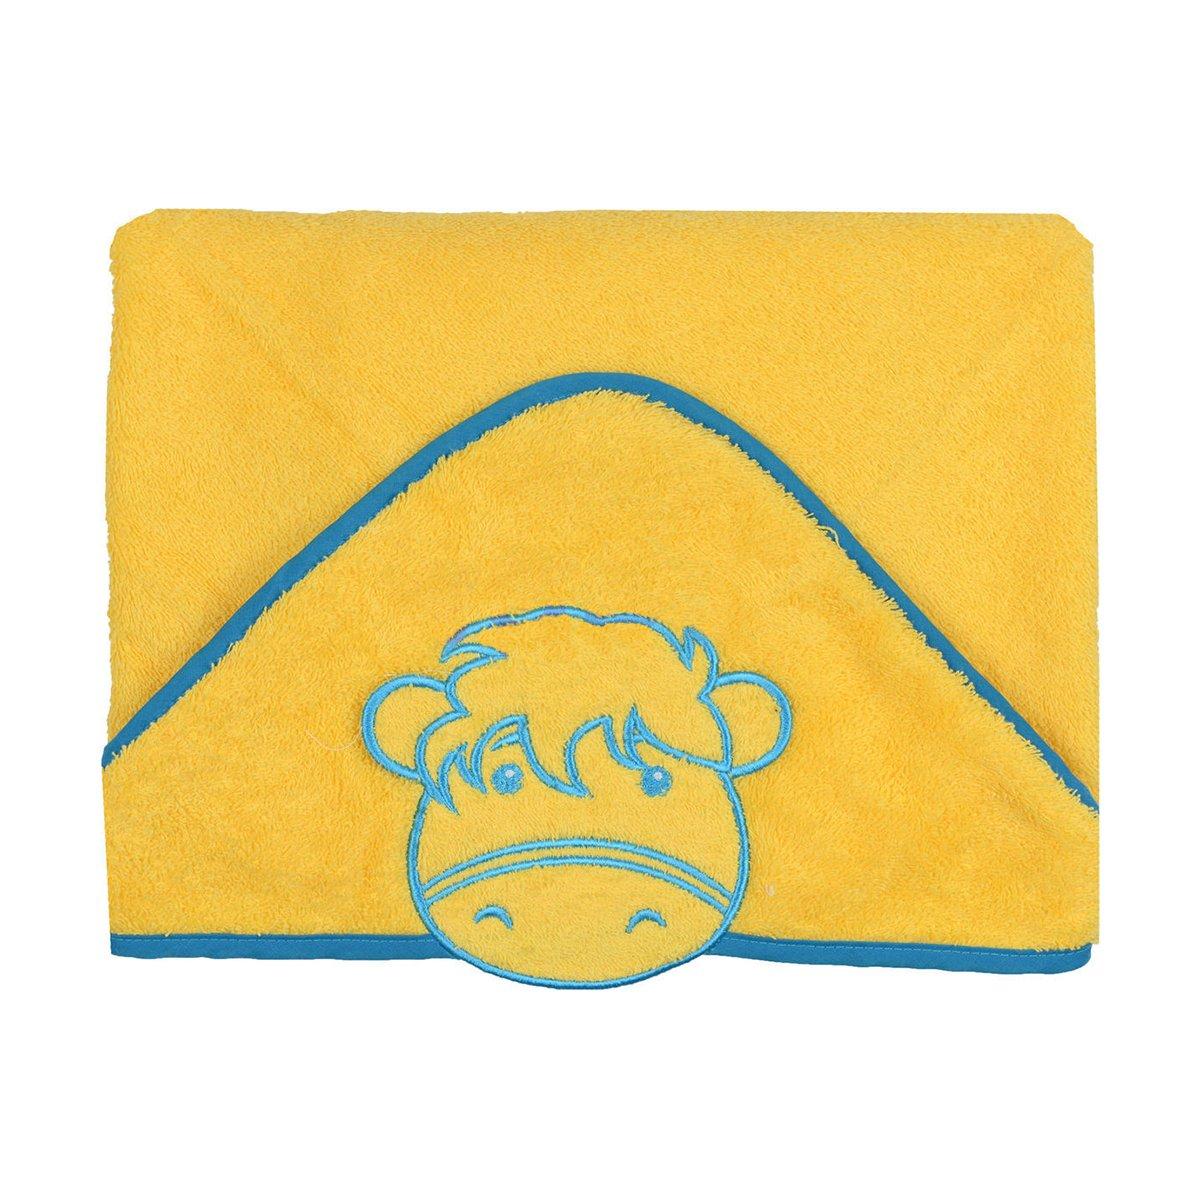 Prosop cu gluga Babyono Funny Bath 76x76 cm - Galben